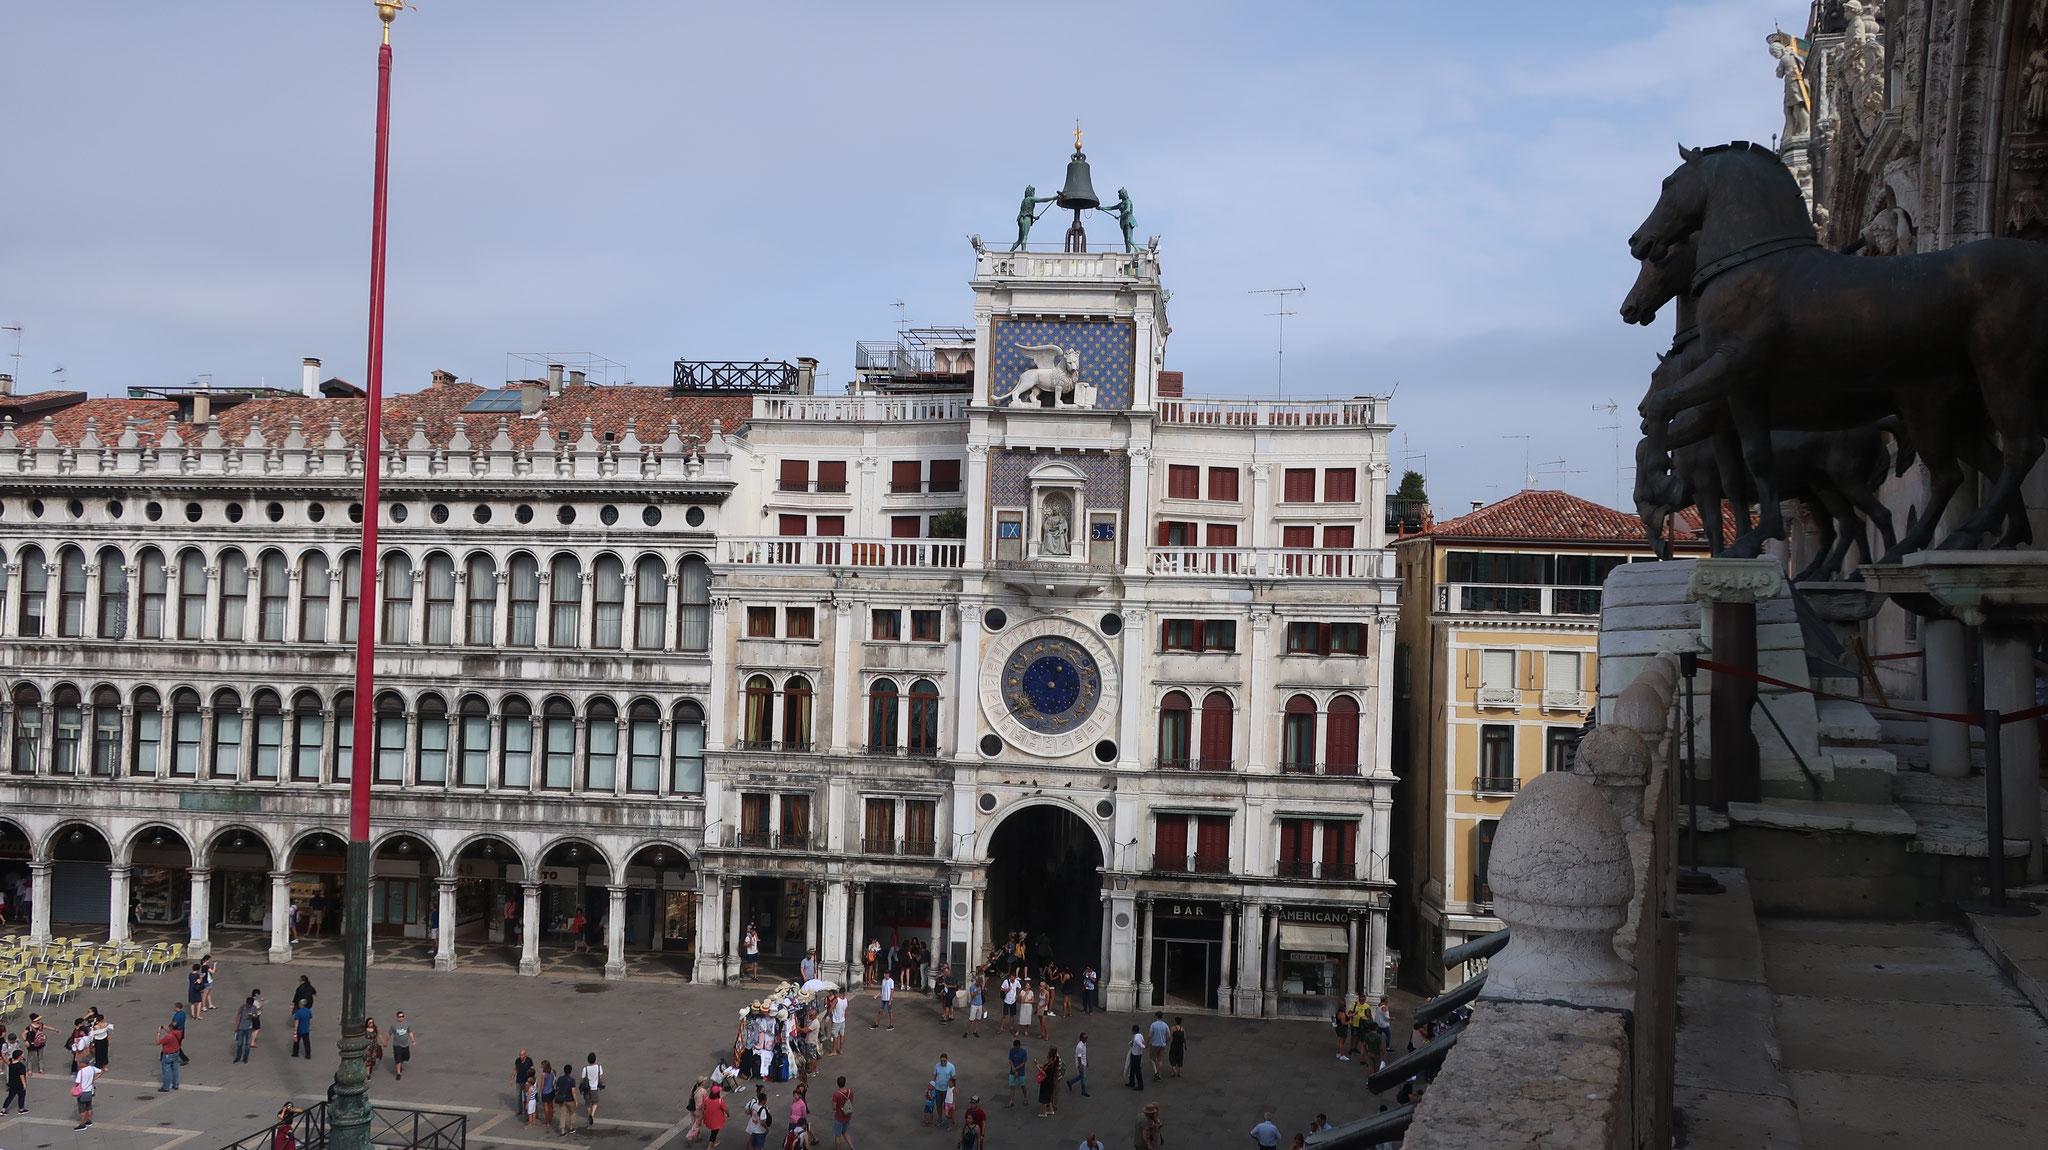 サン・マルコ広場に面する時計塔